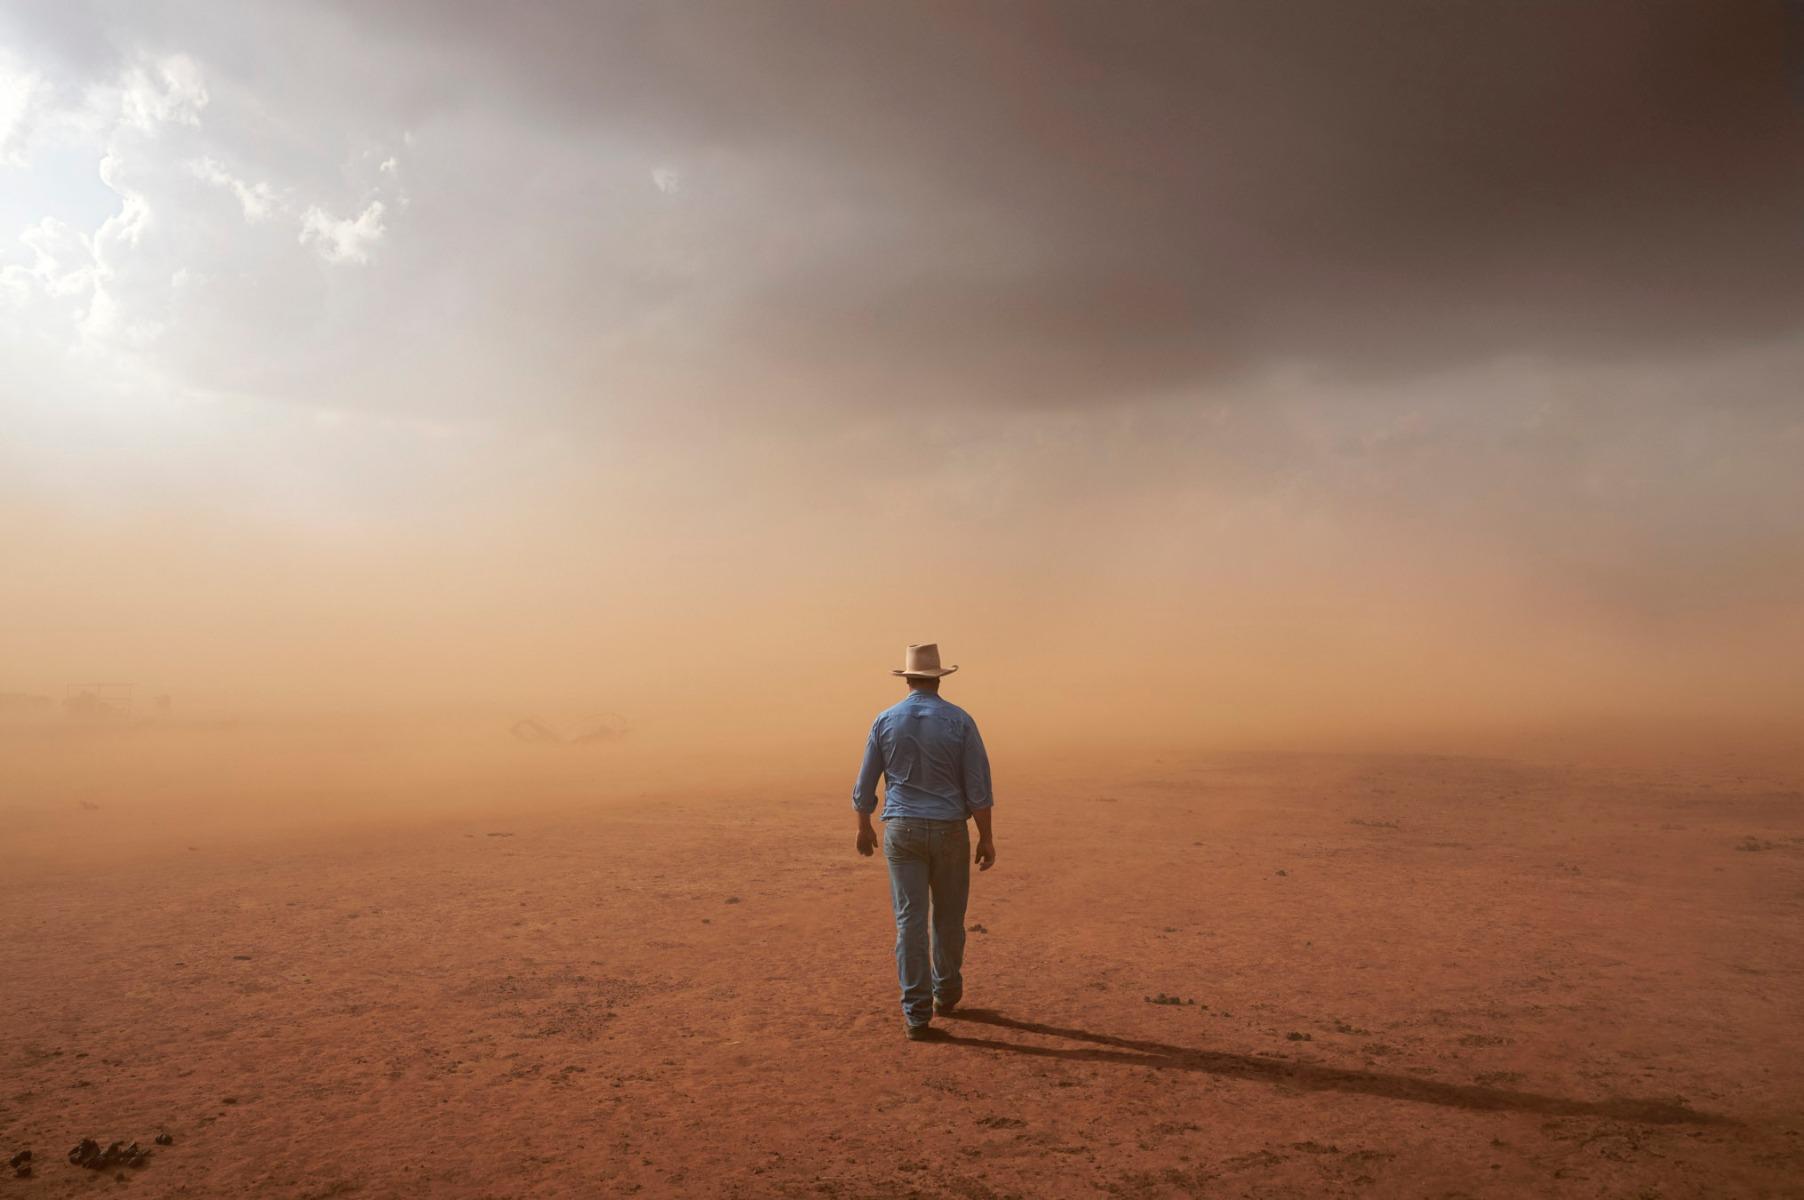 a-farmer-walks-into-a-dust-storm